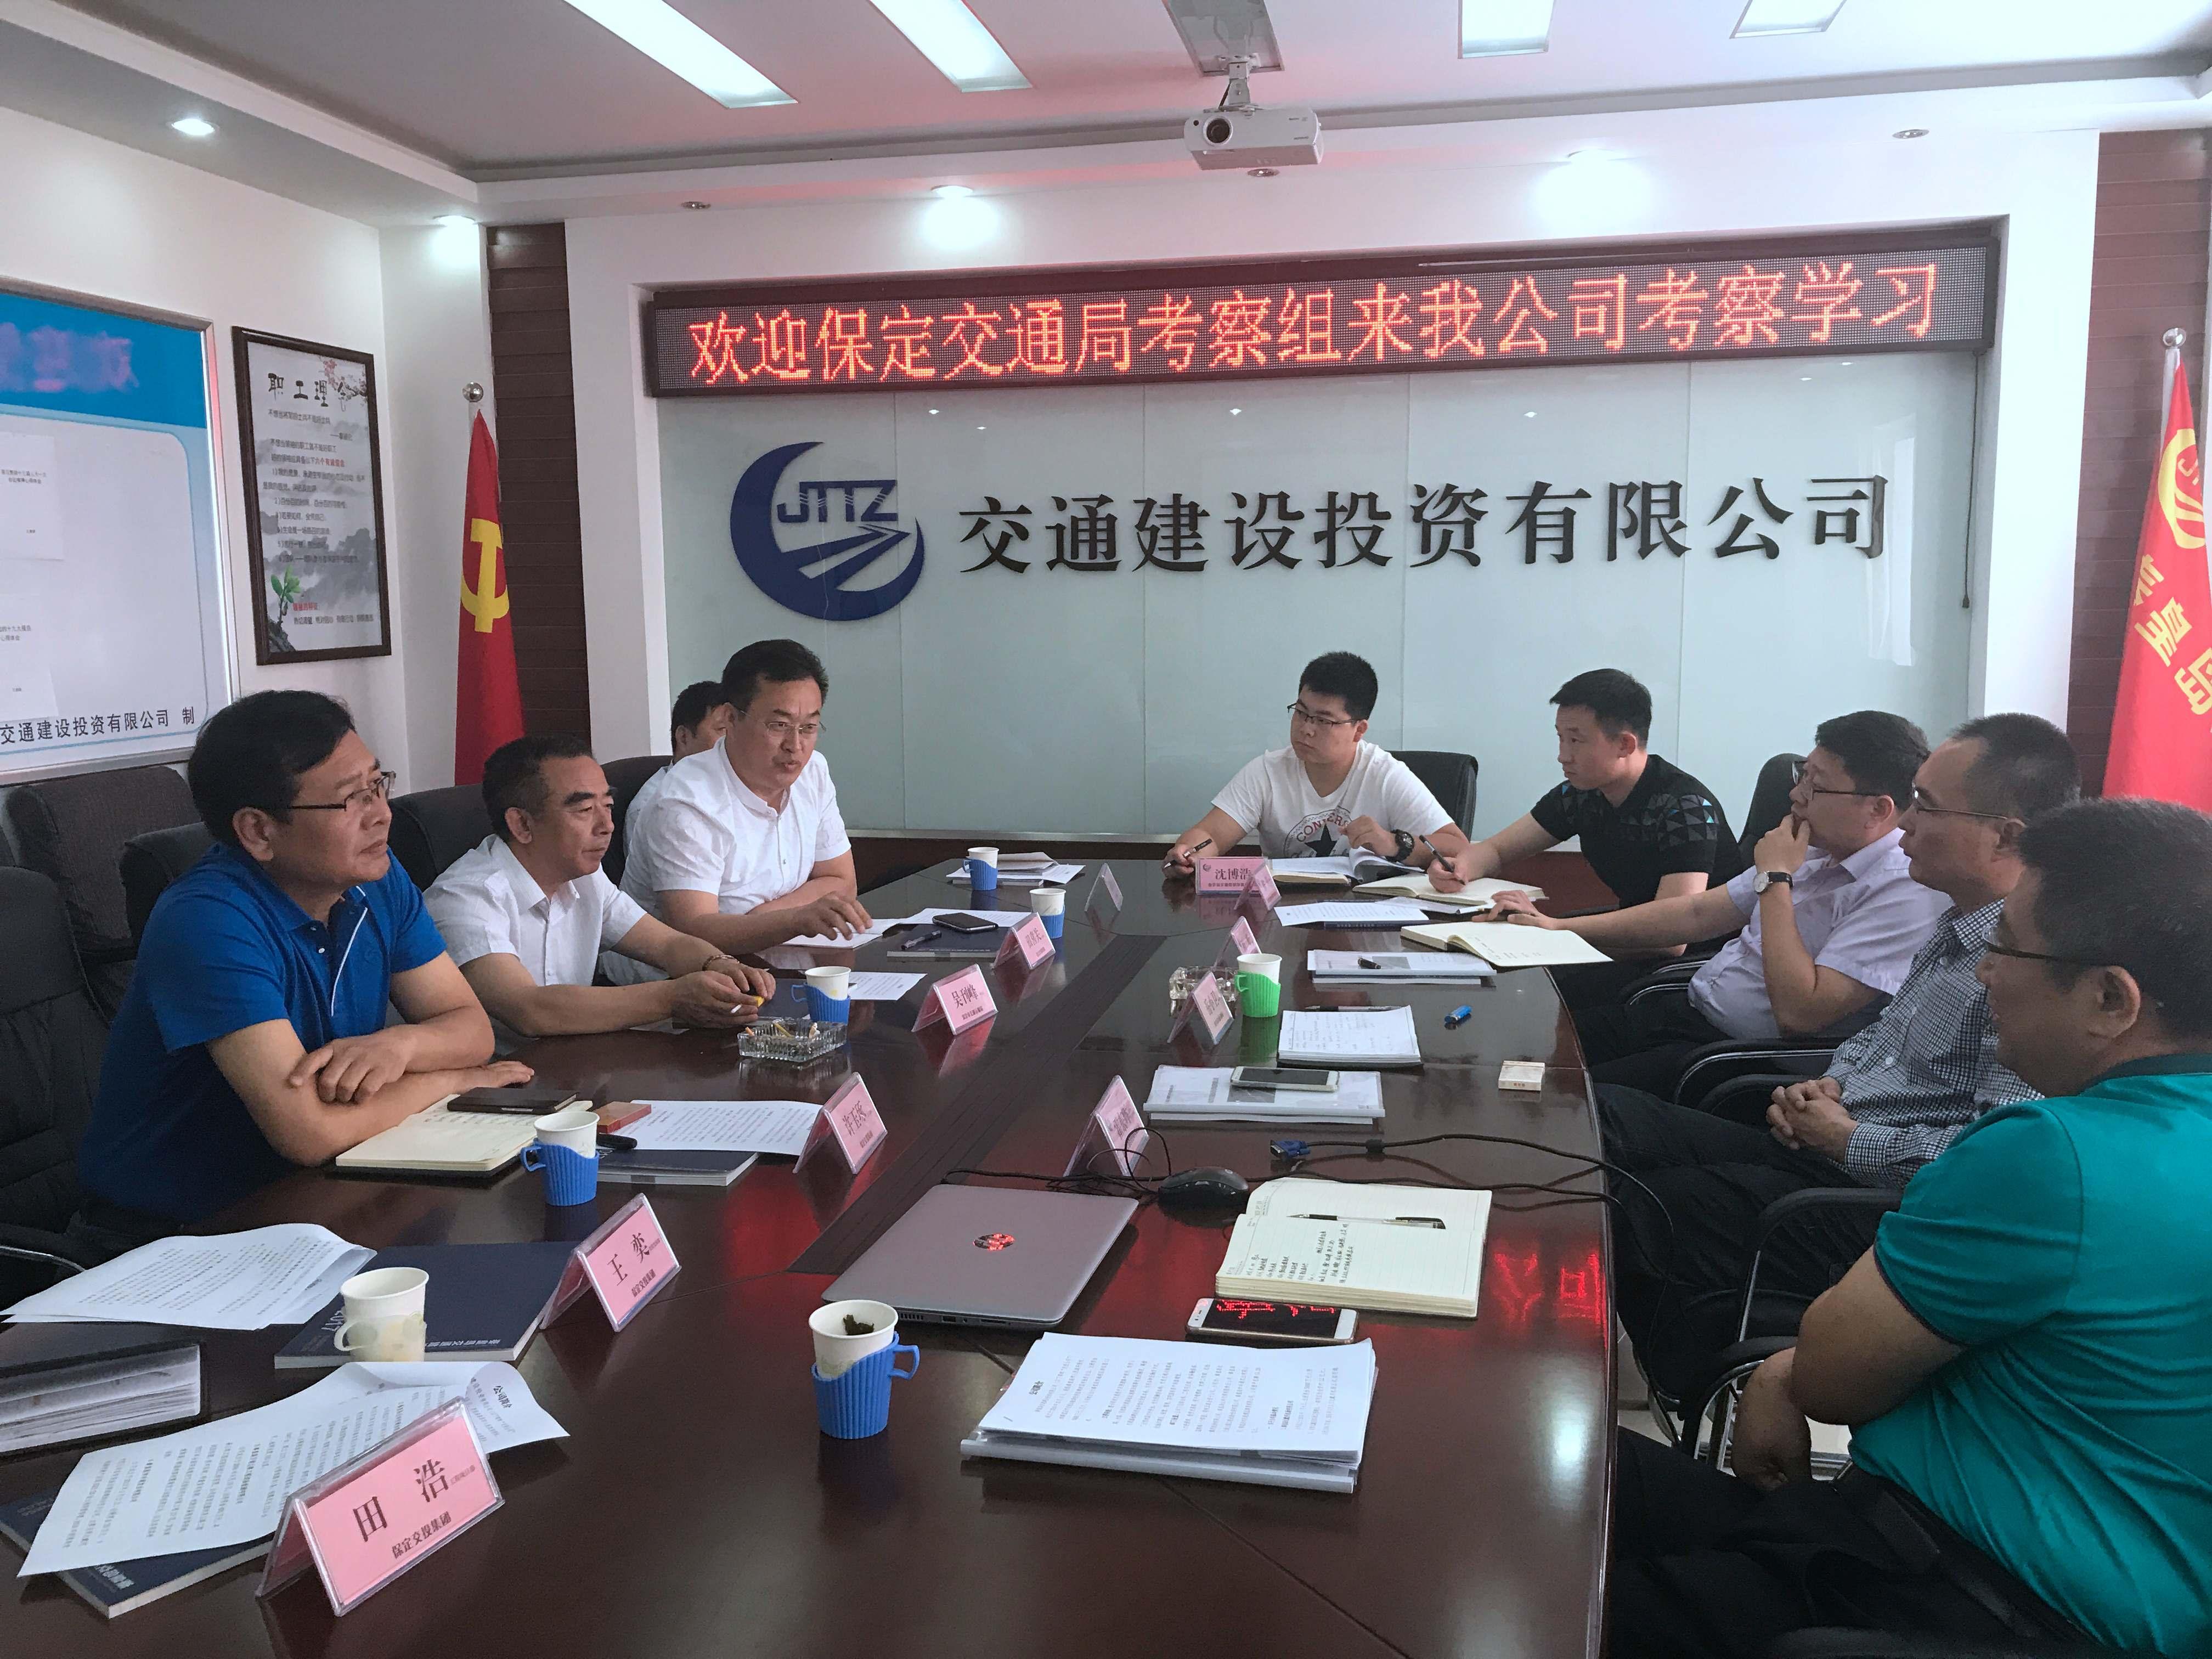 集团公司到秦皇岛交通建设投资有限公司考察学习